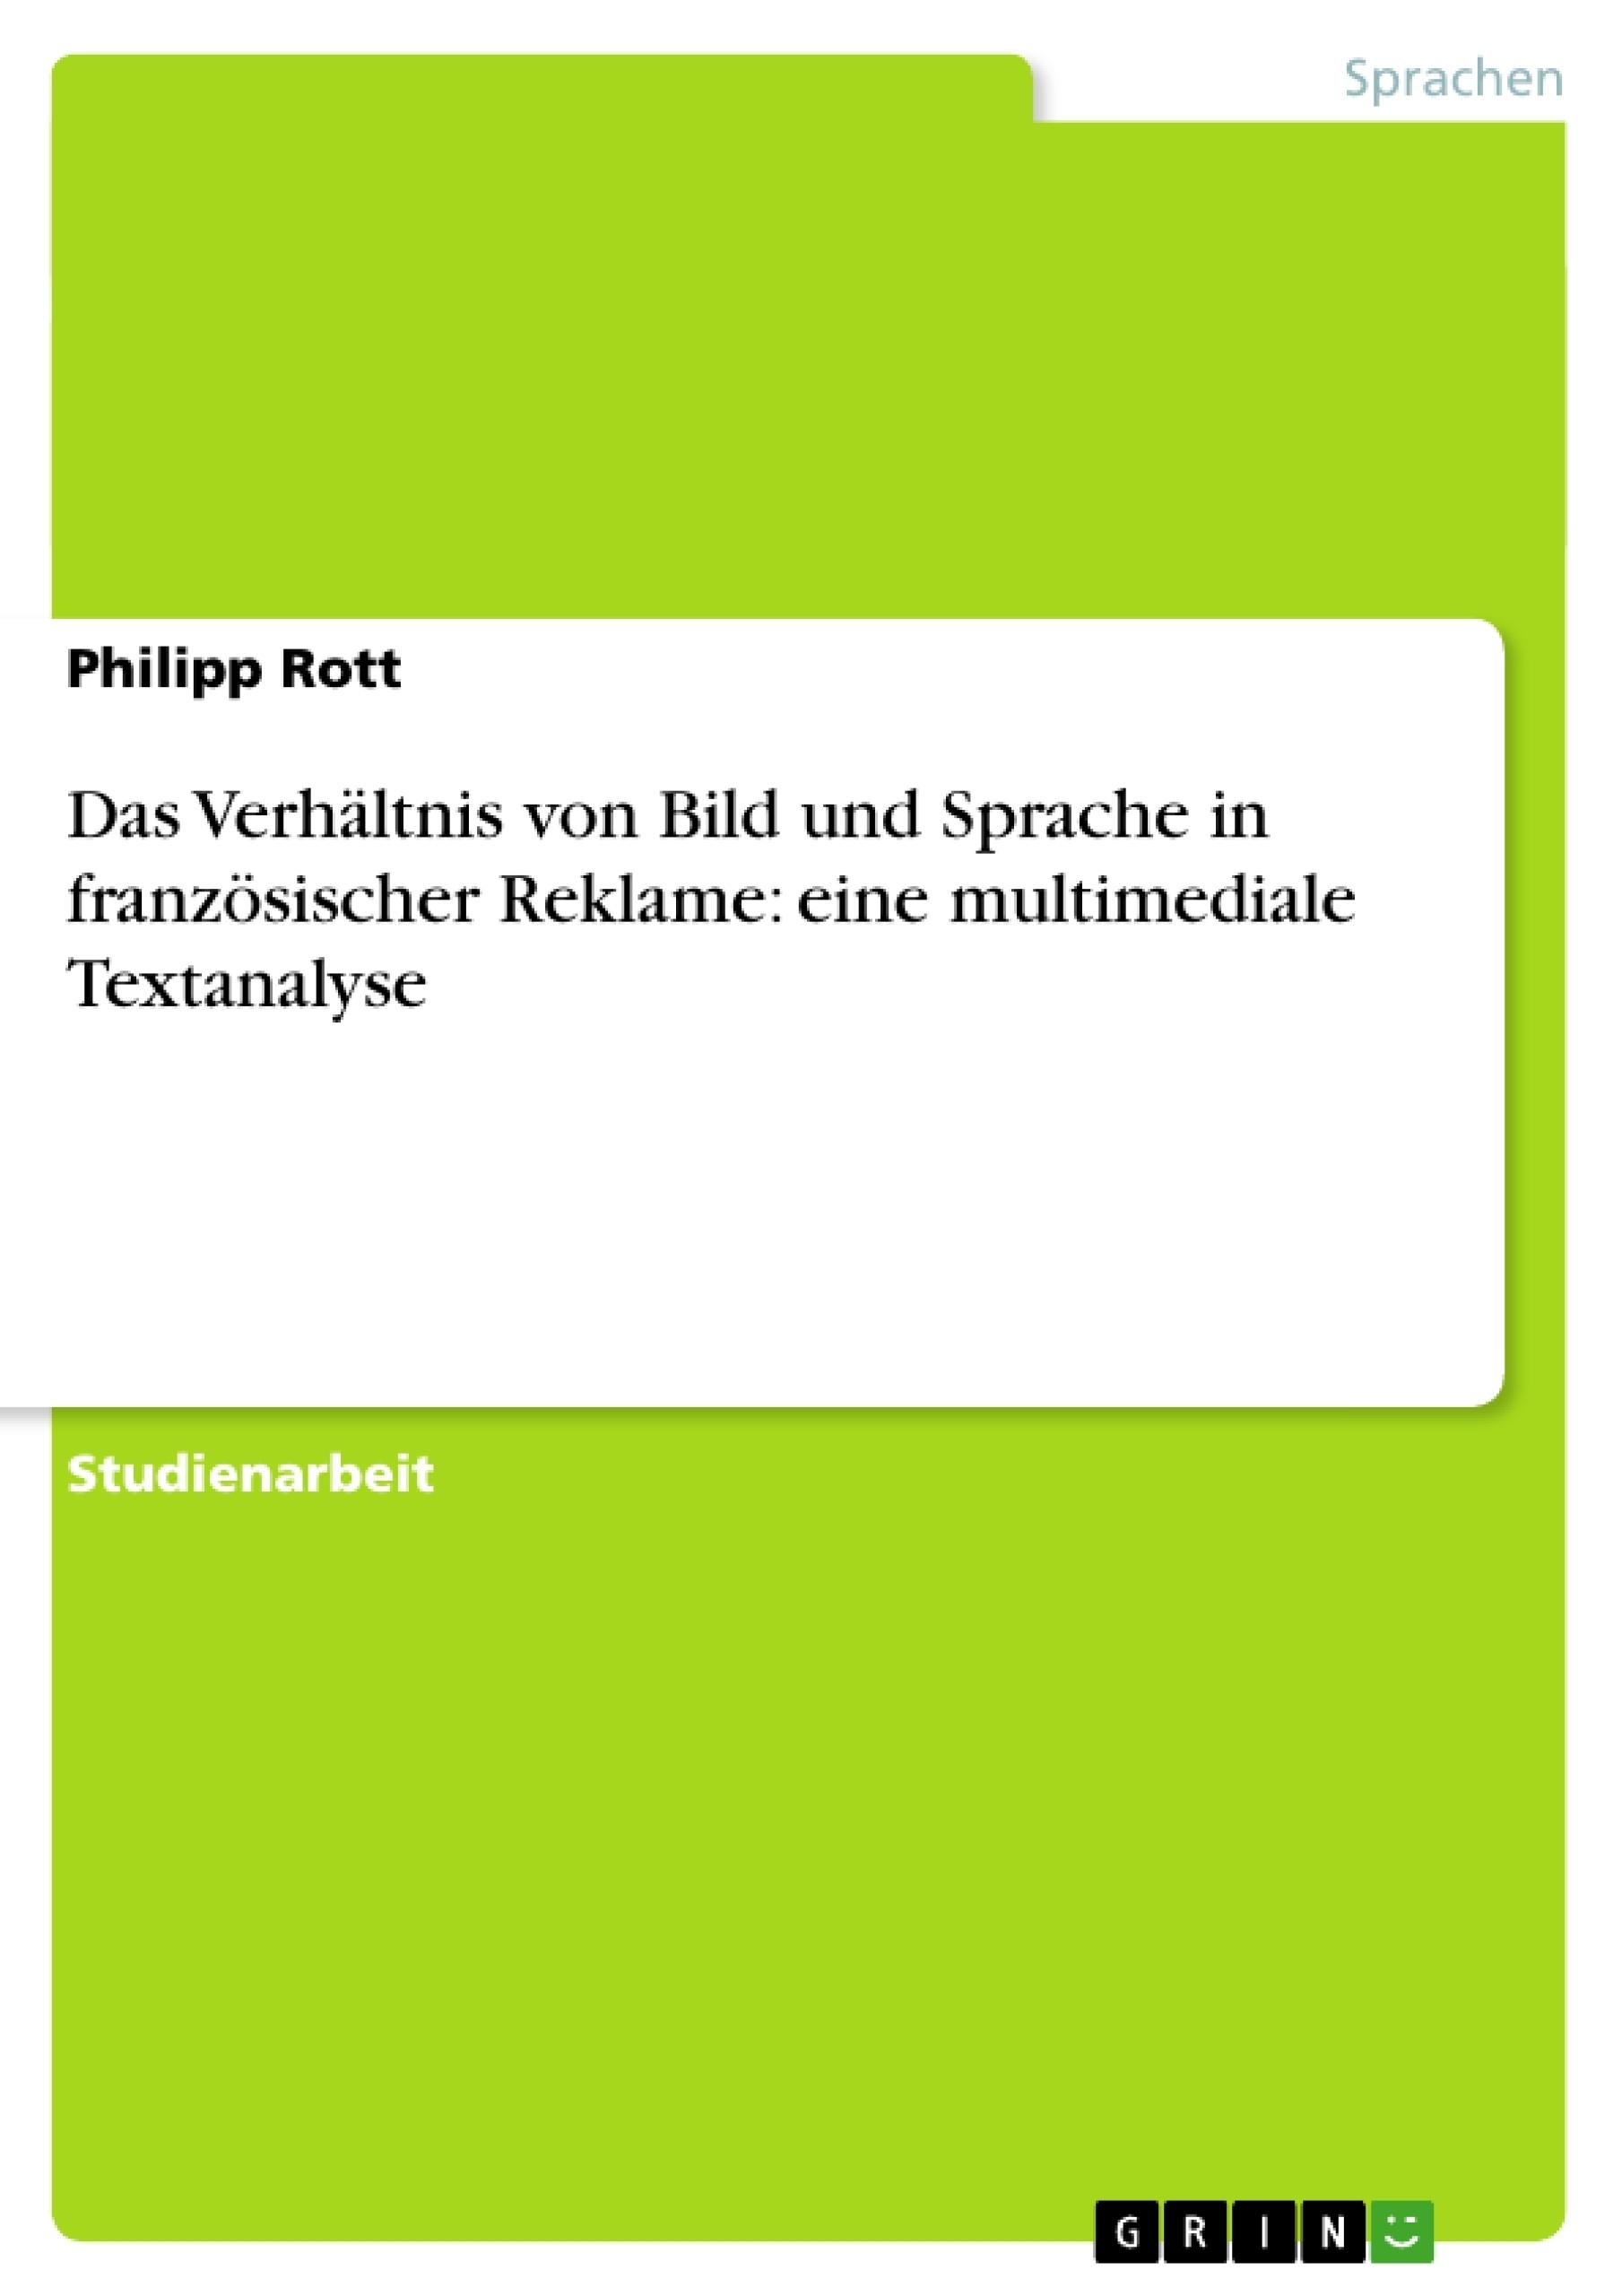 Titel: Das Verhältnis von Bild und Sprache in französischer Reklame: eine multimediale Textanalyse